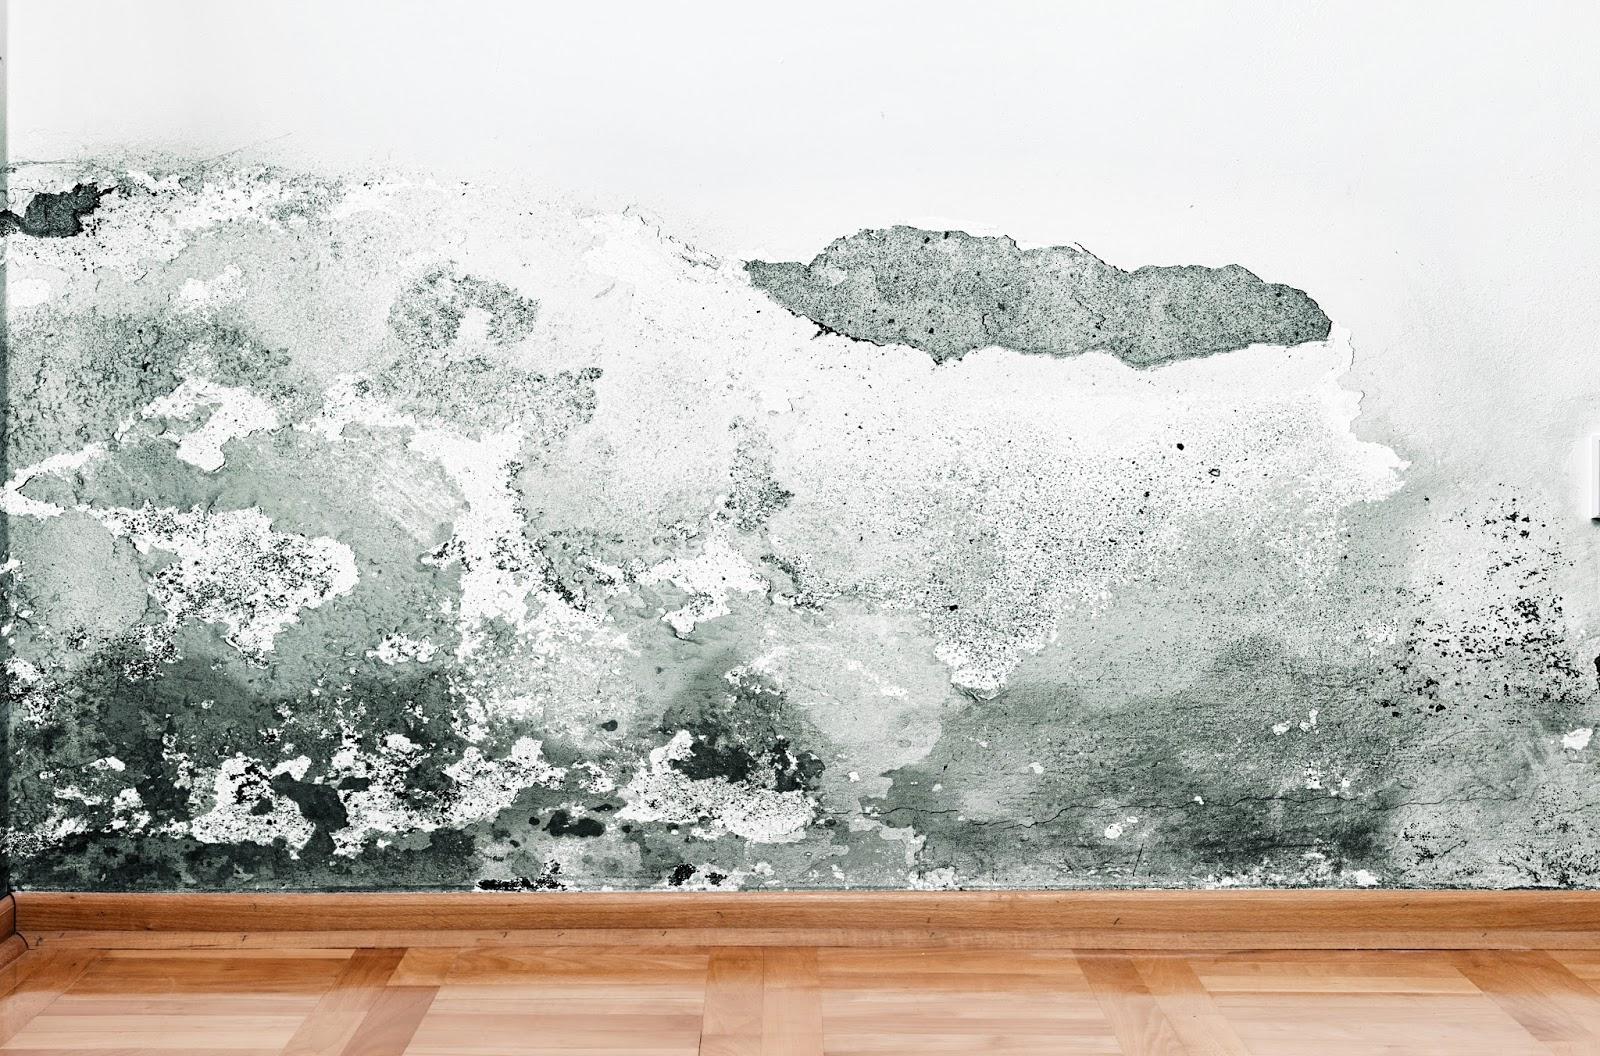 Quitar la humedad de las paredes - Quitar humedades de las paredes ...